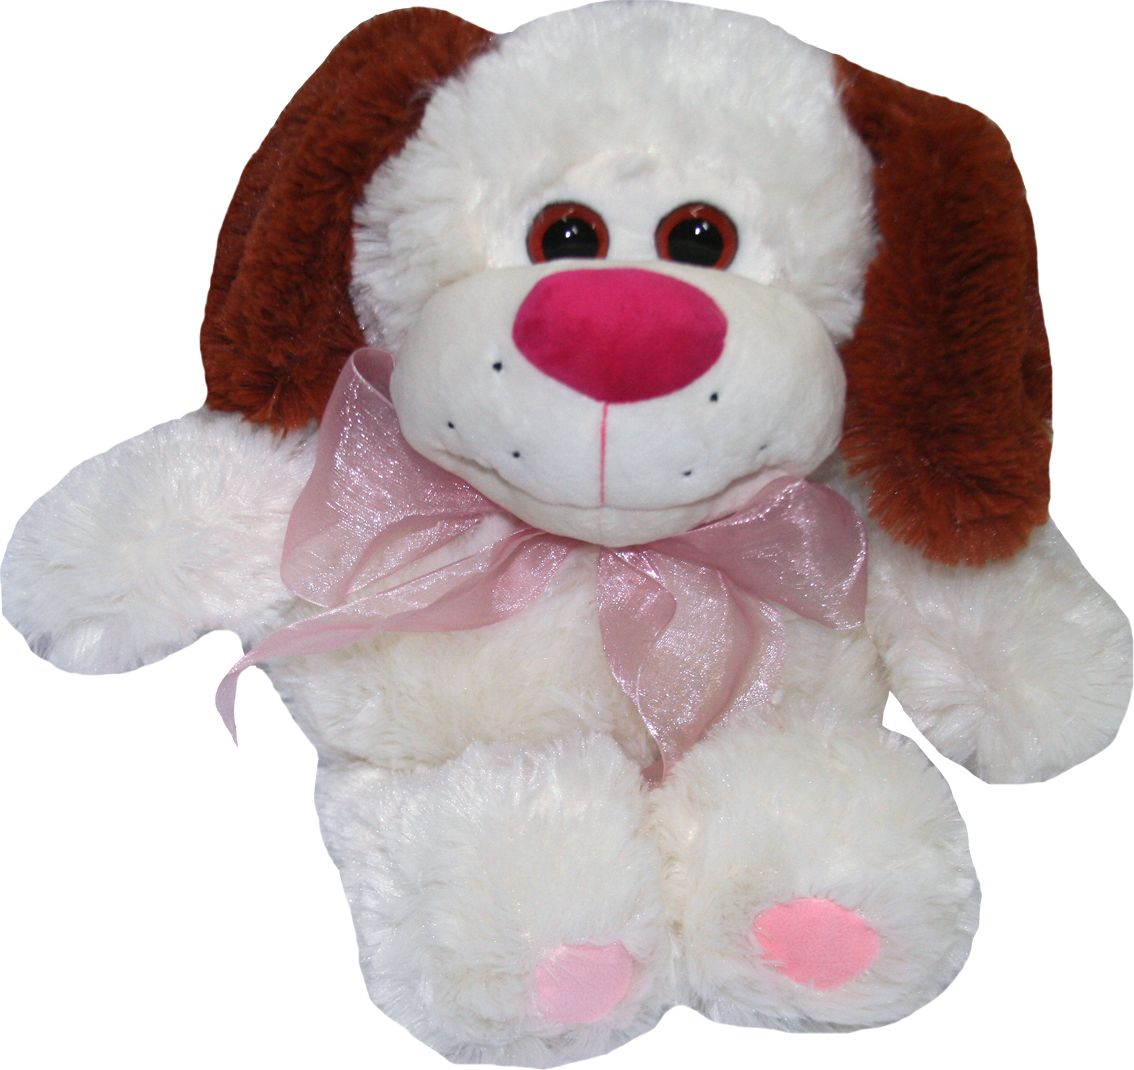 СмолТойс Мягкая игрушка Собачка 45 см 1889/МЛ/45 - Мягкие игрушки